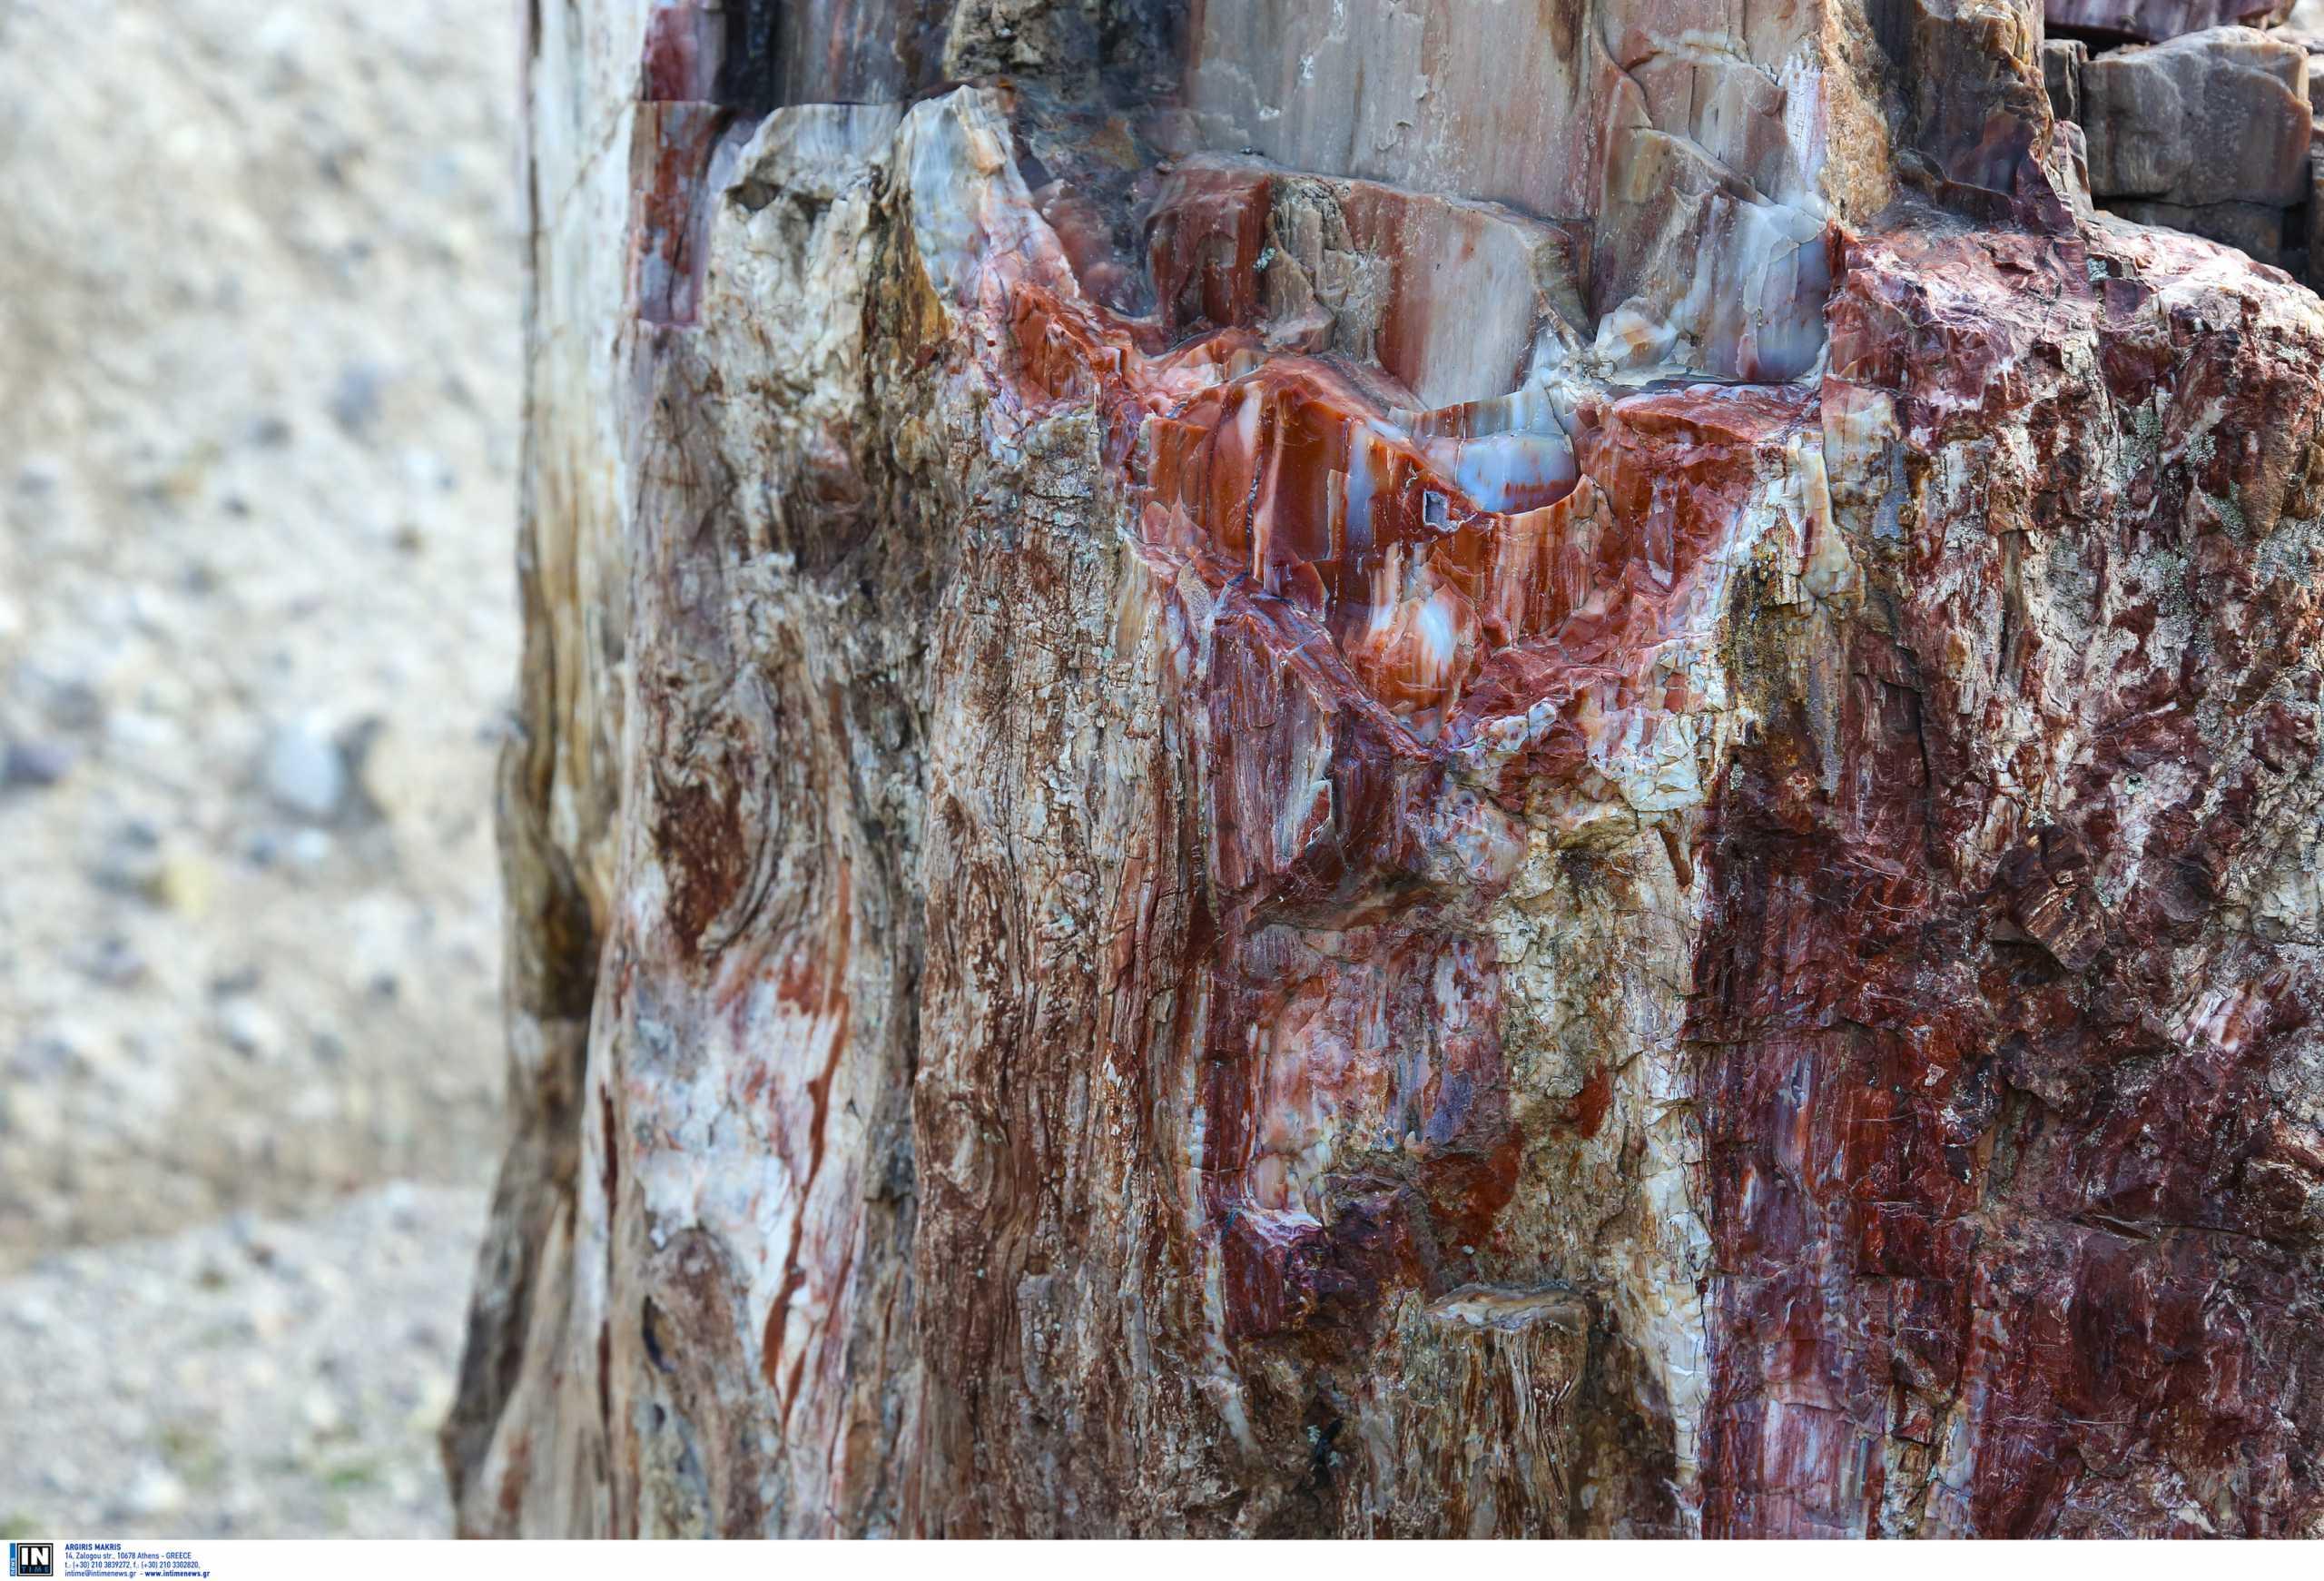 Μυτιλήνη: Νέα απολιθωμένα δέντρα –  Πρωτοπευκίδες, κανελόδενδρα, δαφνίδες και βελανιδιές (pics)